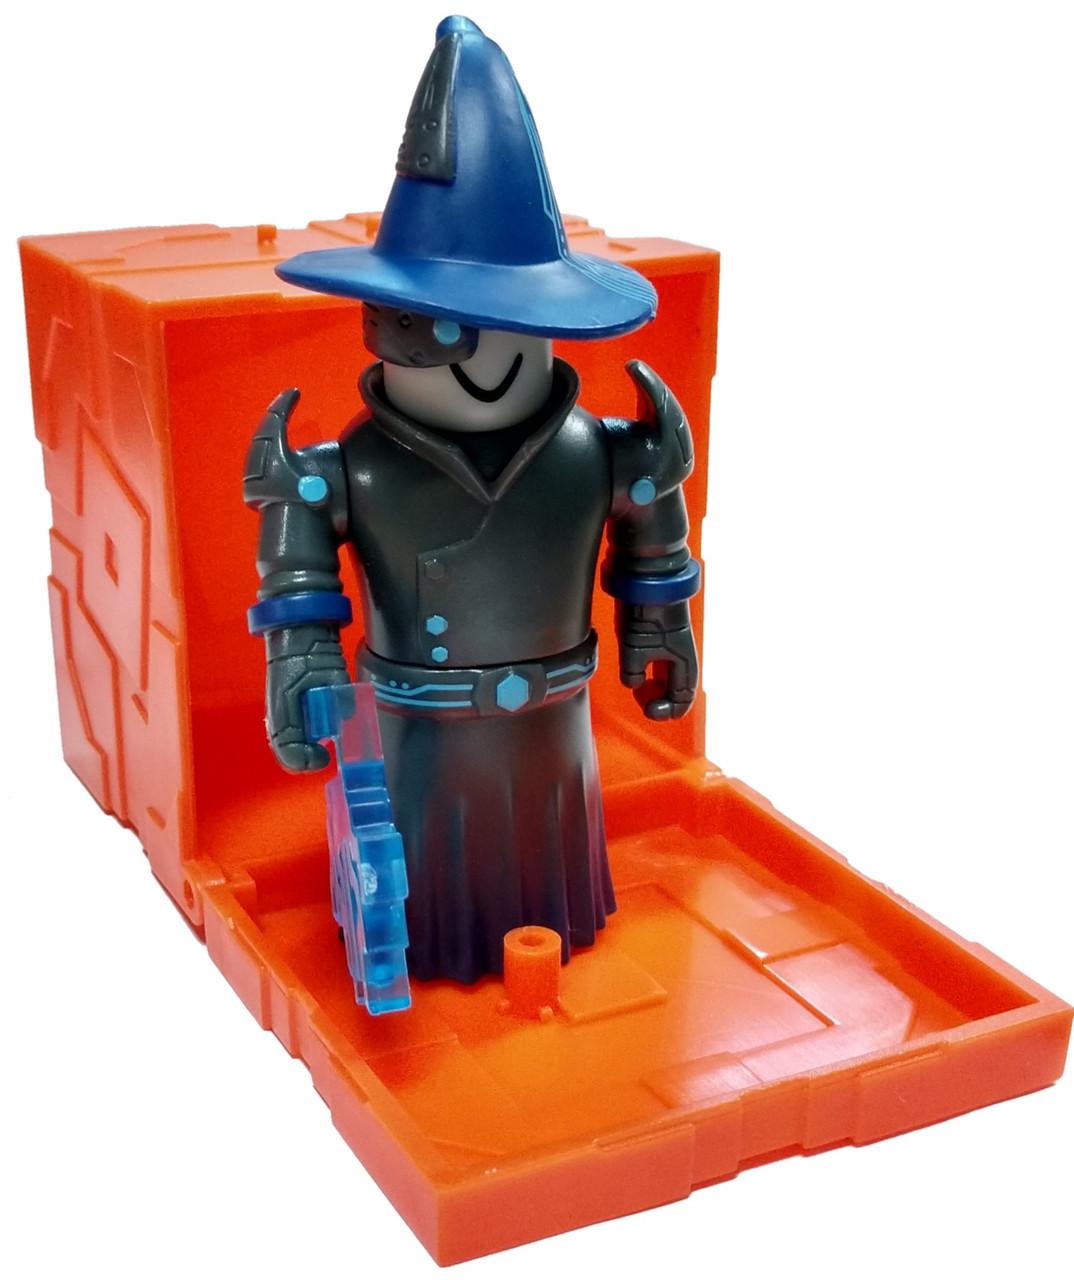 Overseer Wizard Overseer Berserker Roblox Roblox Series 6 Techno Wizard 3 Mini Figure With Orange Cube And Online Code Loose Jazwares Toywiz